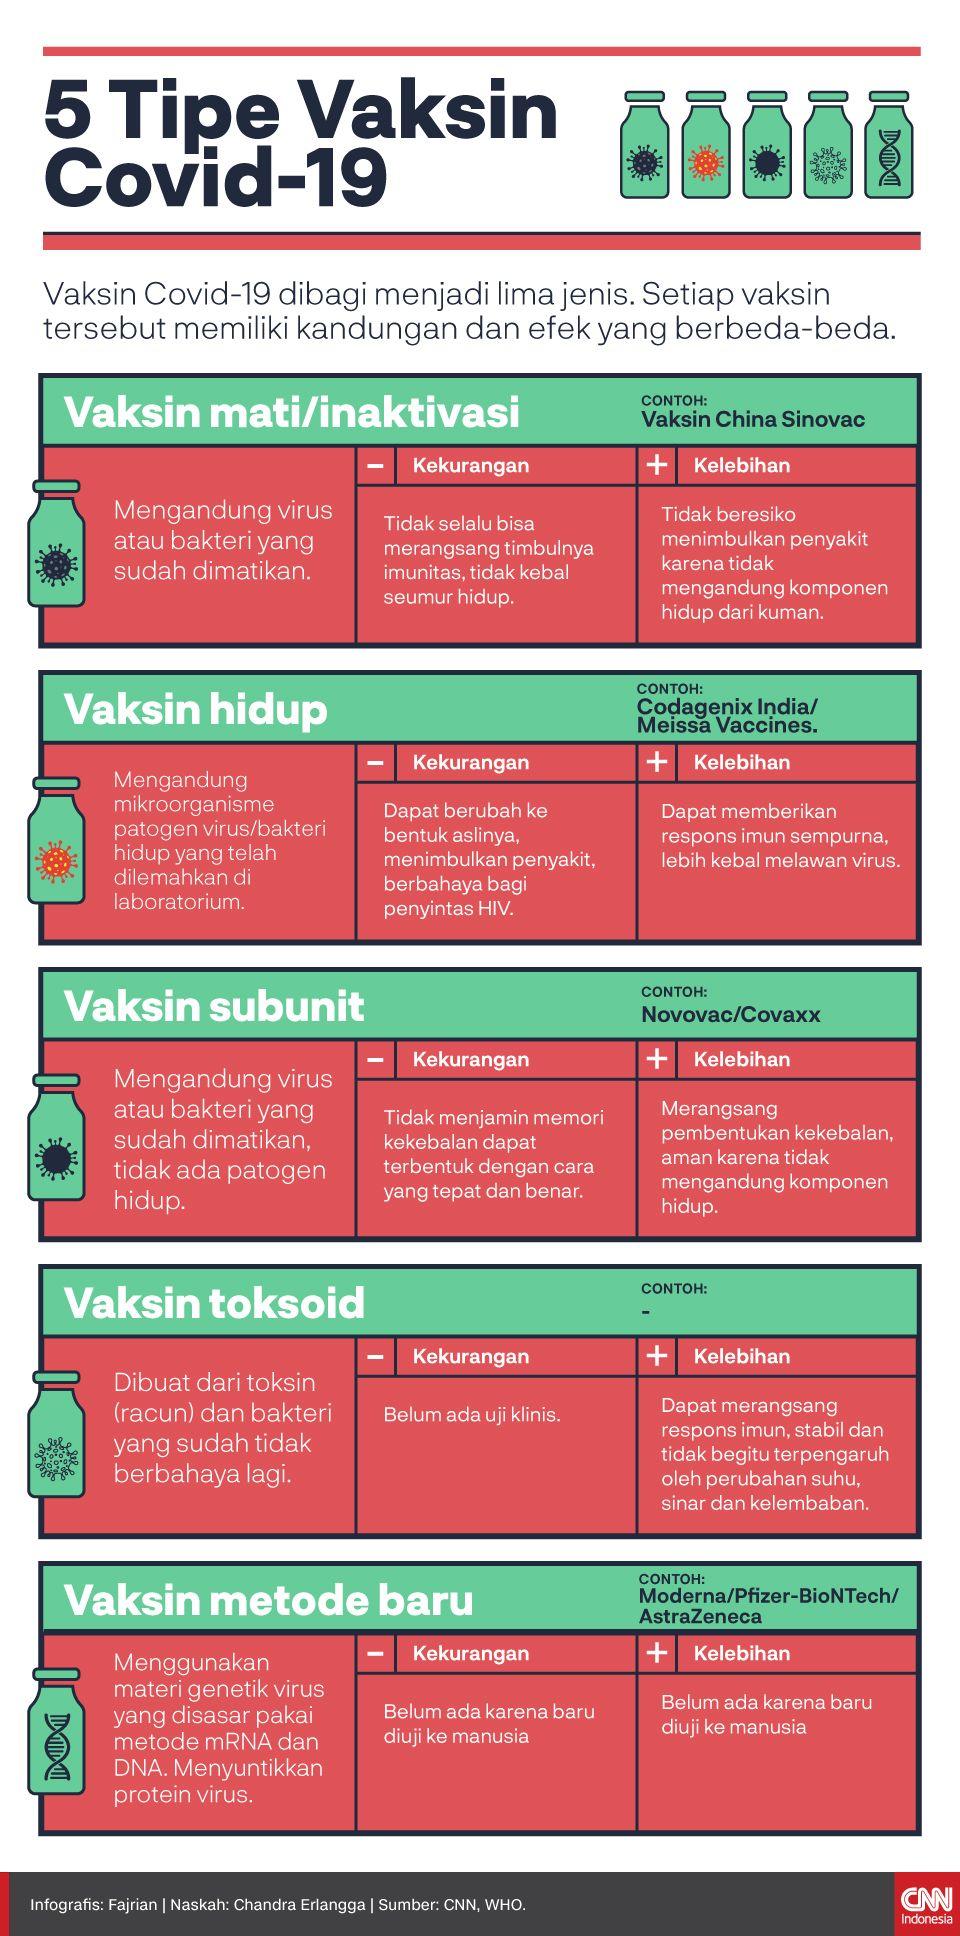 Infografis 5 Tipe Vaksin Covid-19